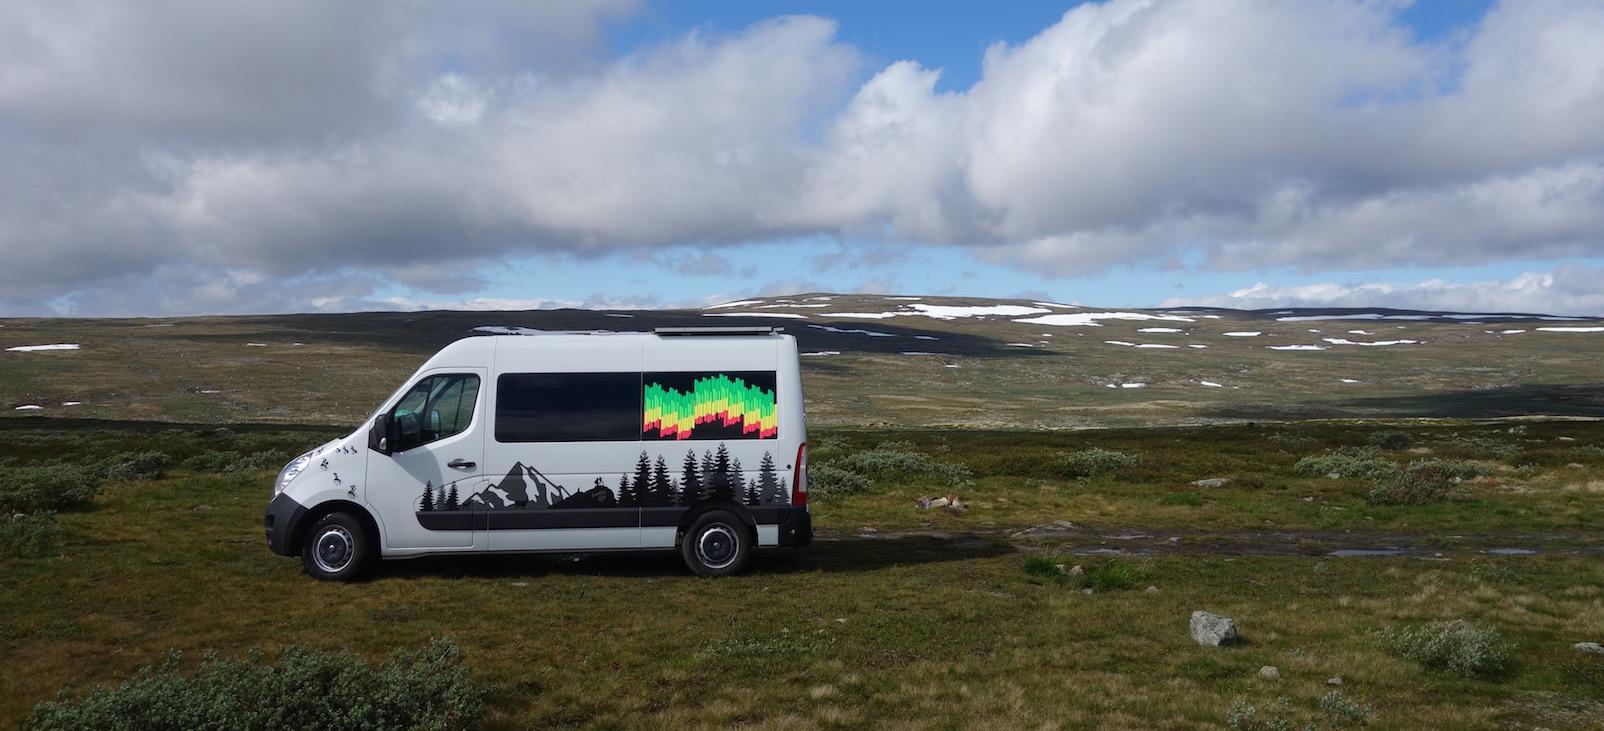 Zahlen und Fakten zu einer dreiwöchigen Norwegen-Reise.